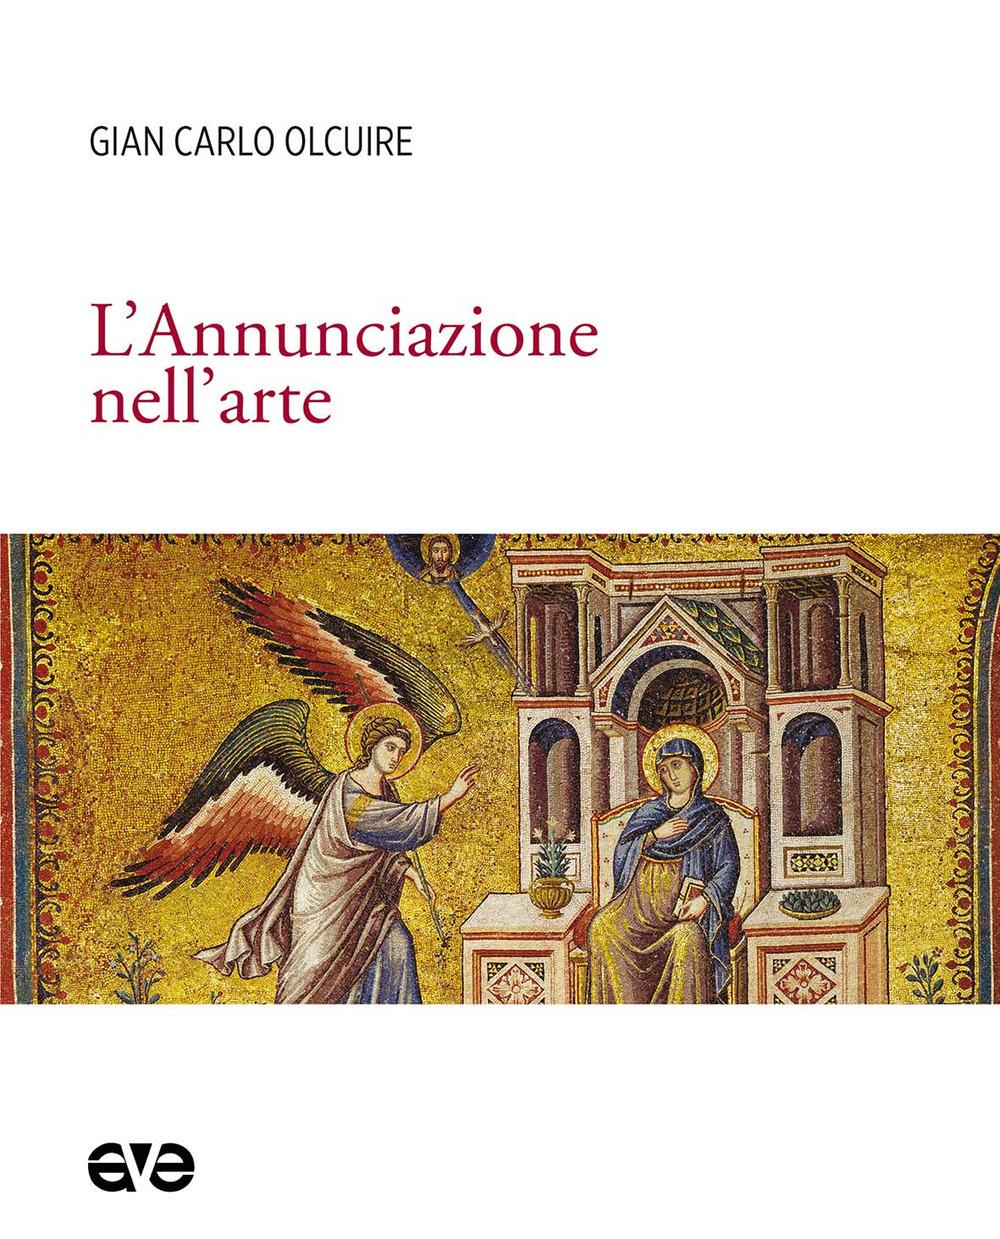 ANNUNCIAZIONE NELL'ARTE (L') - Olcuire Gian Carlo - 9788832711615